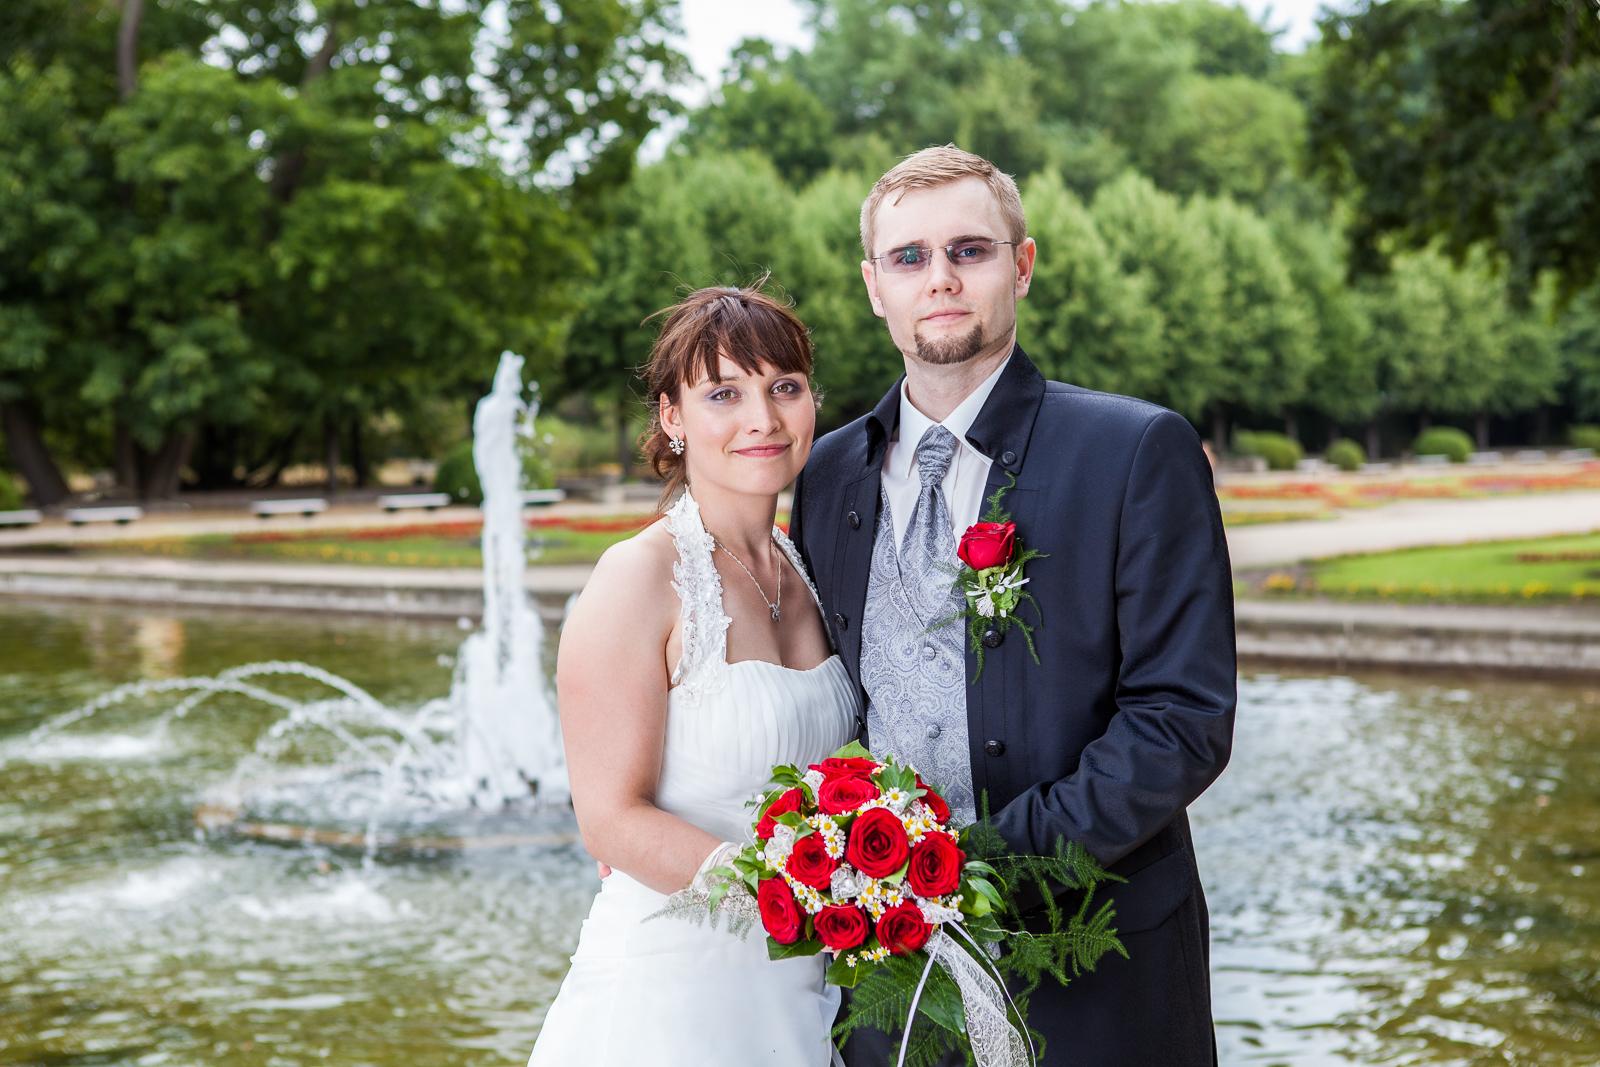 Hochzeitsfoto mit Brautpaar am Brunnen